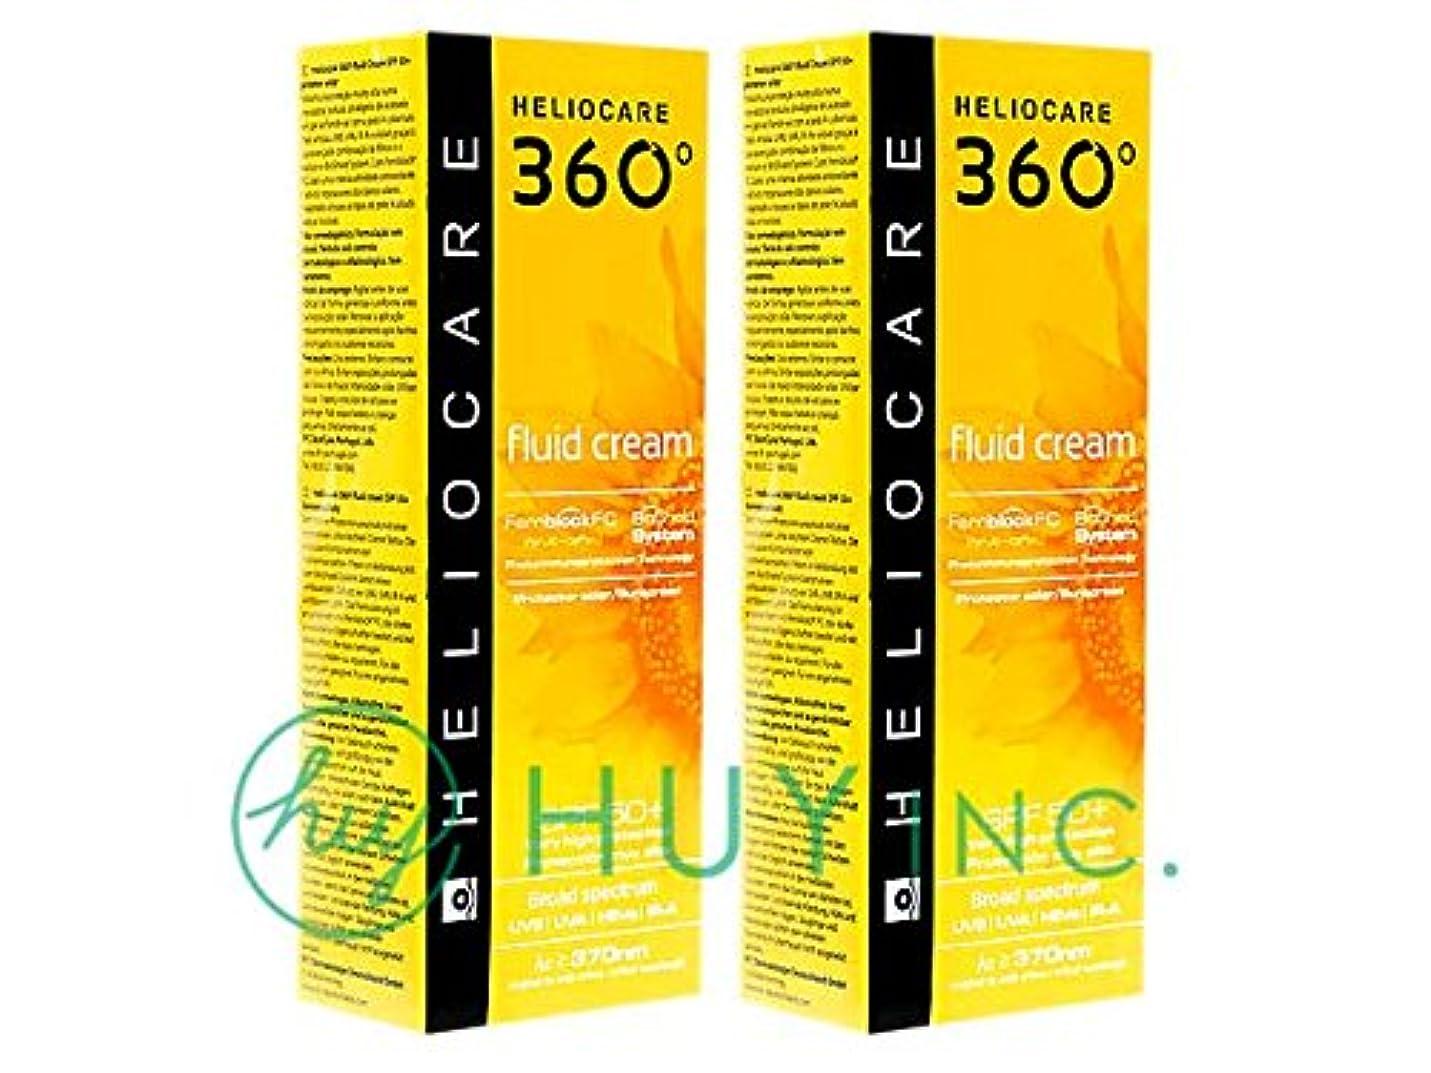 役員わかりやすい記憶に残るヘリオケア 360°フルイドクリーム(Heliocare360FluidCream)SPF50+ 2ボトル(50ml×2) [並行輸入品]